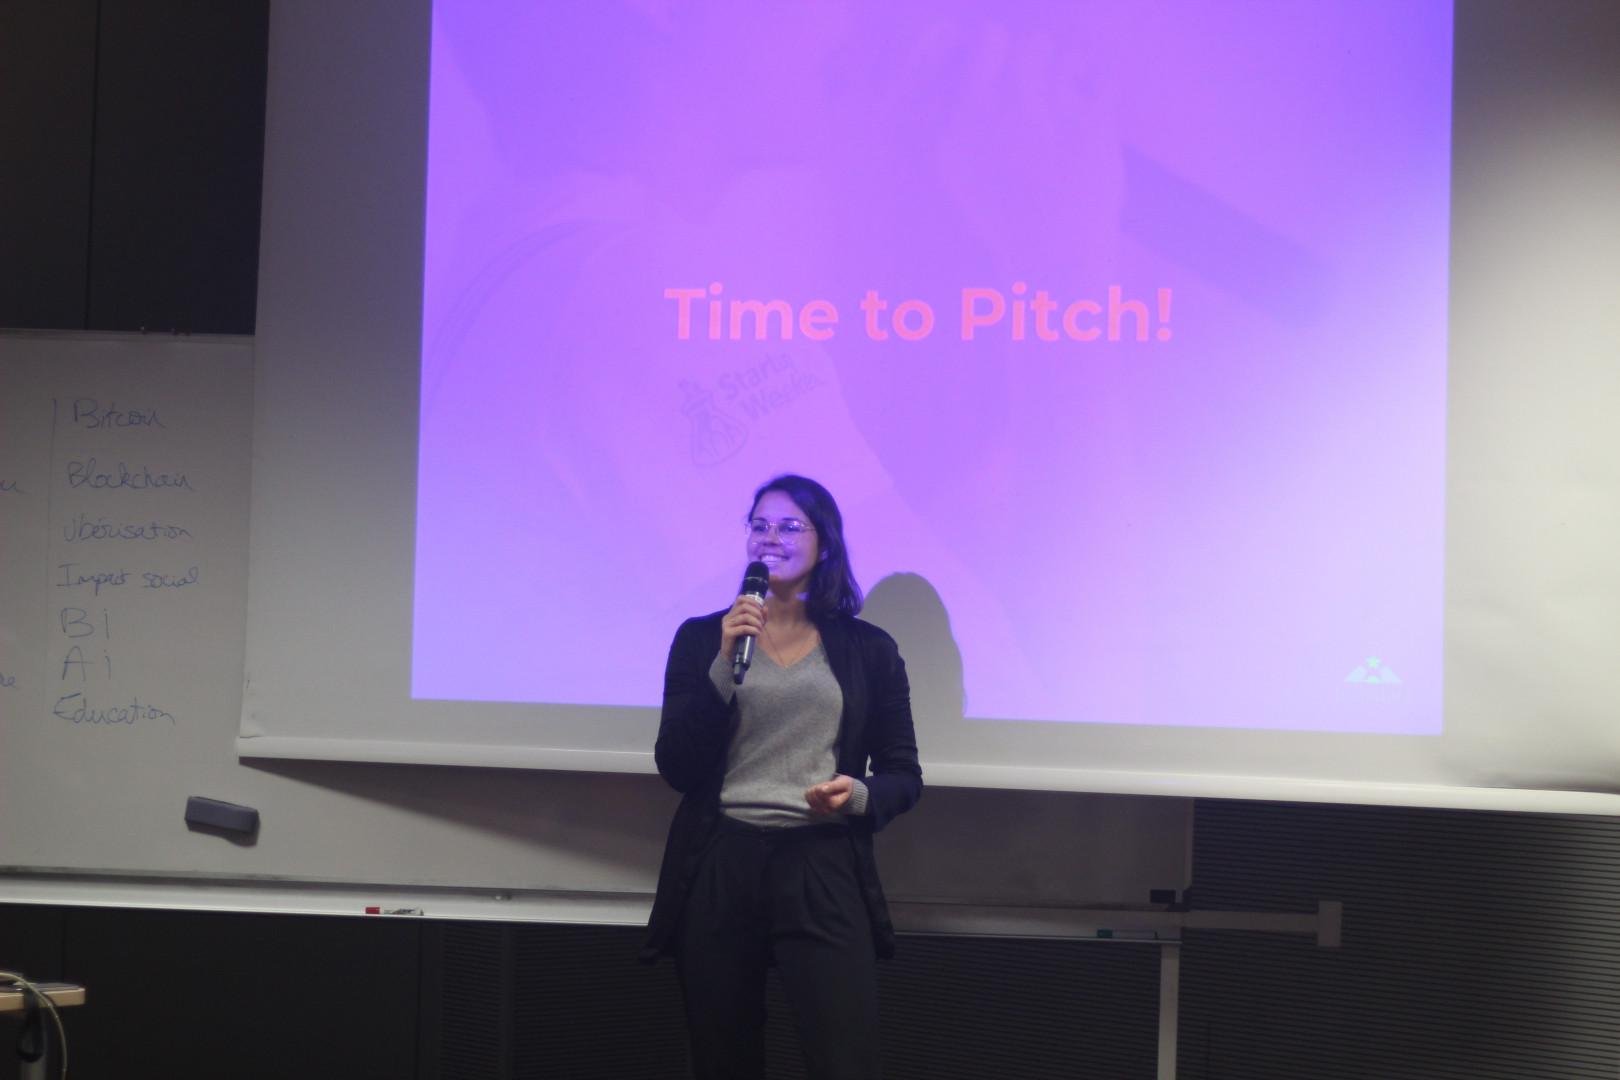 Marie Beauchesne, fondatrice de la marque féministe Ypsylone, est venue tester une nouvelle idée au Global Startup Weekend Women Paris